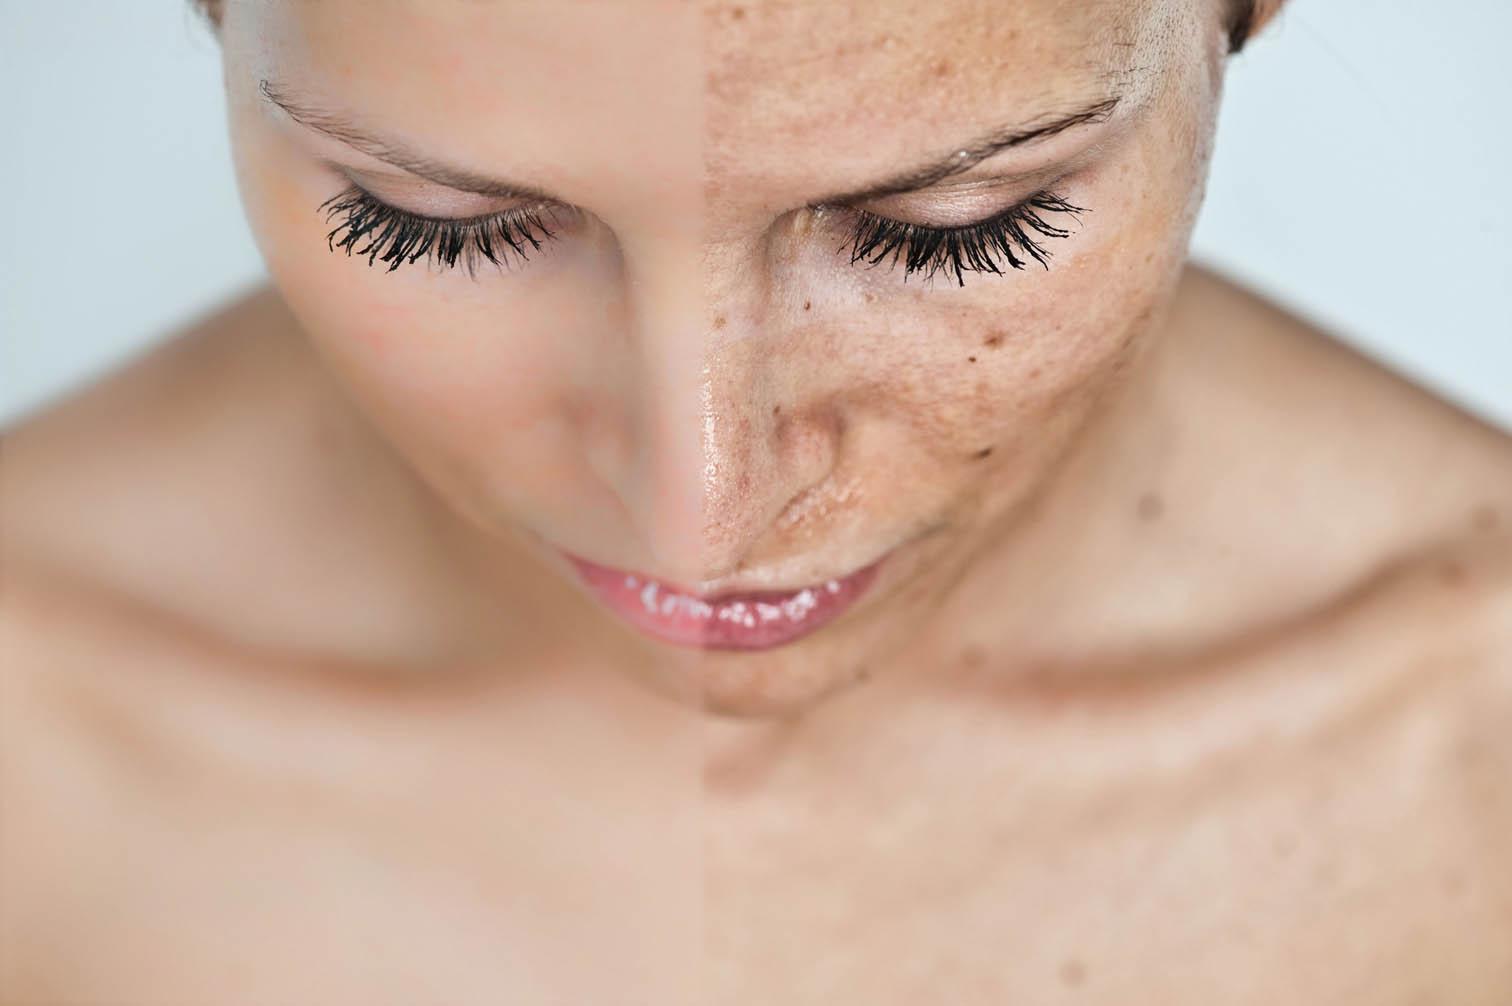 Laser skin Rejuvenation with medlite - Preserve Your Skin's Natural Beauty